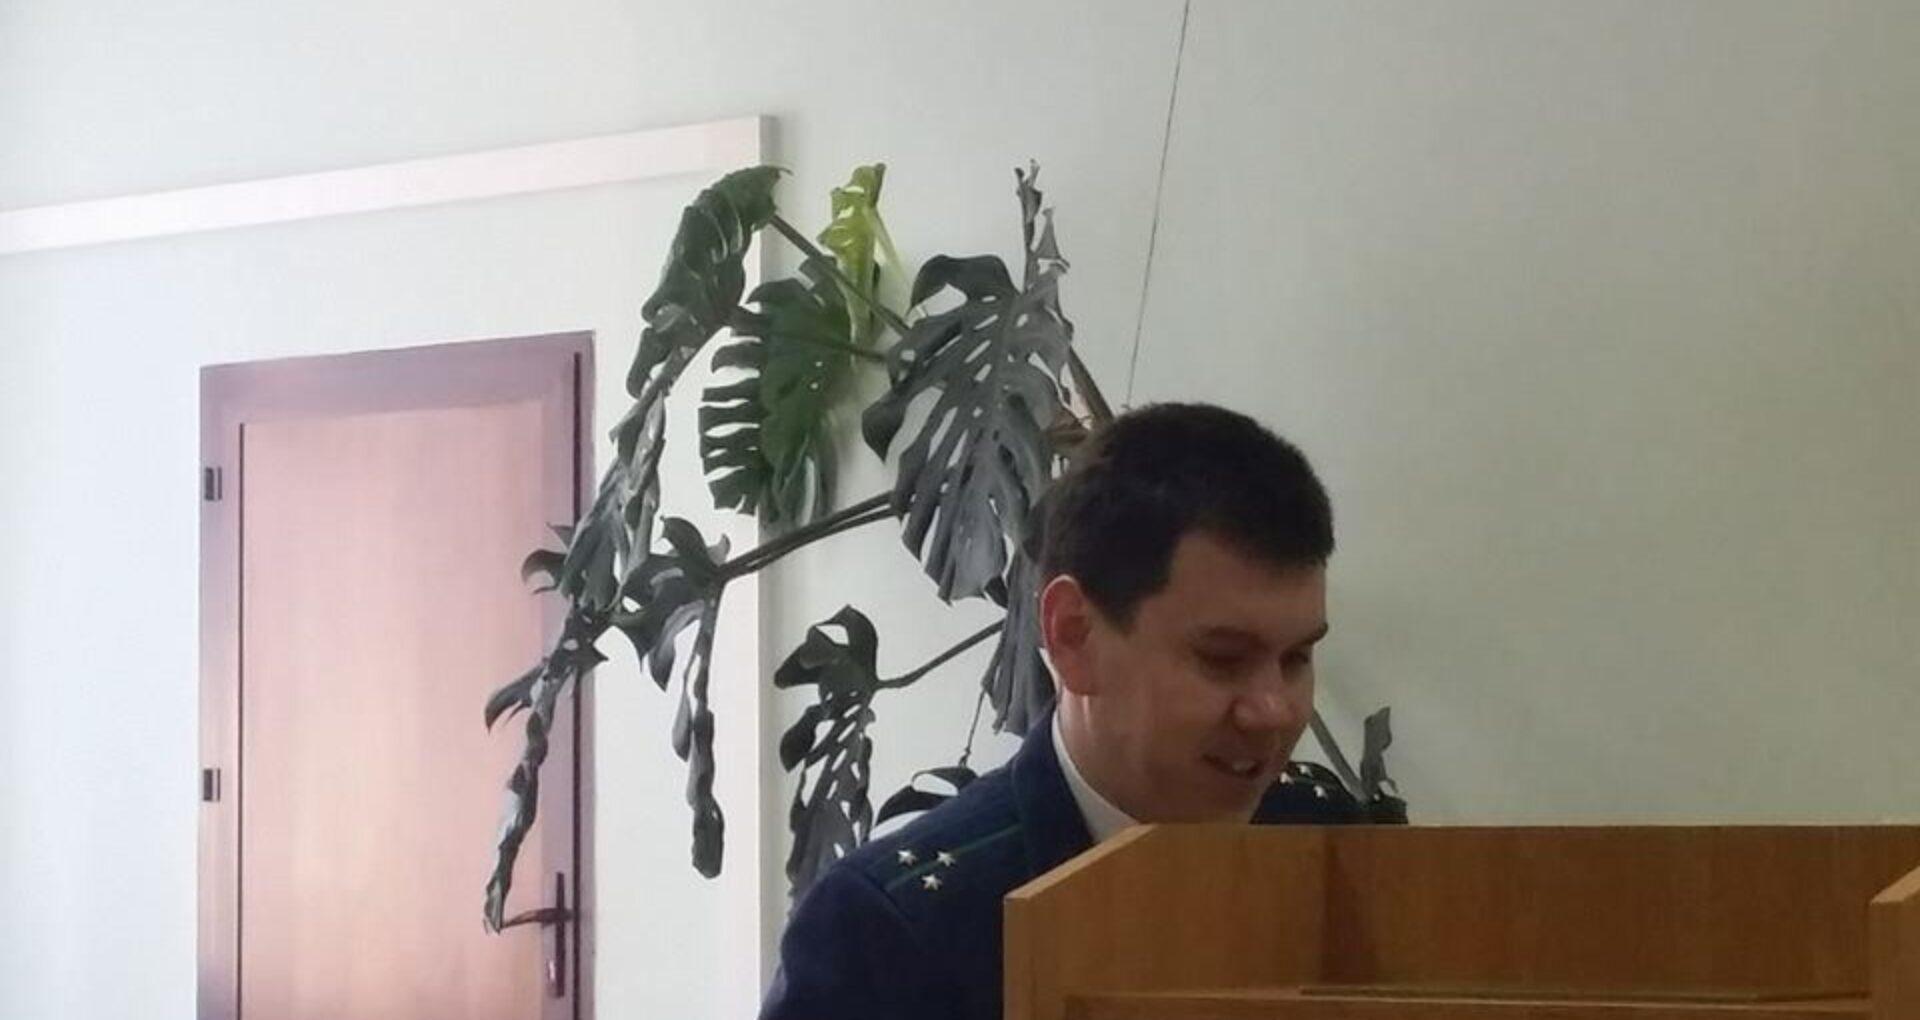 (foto) Procurorul care a cerut 12 ani de închisoare pentru tânăra din Strășeni care crește 5 copii